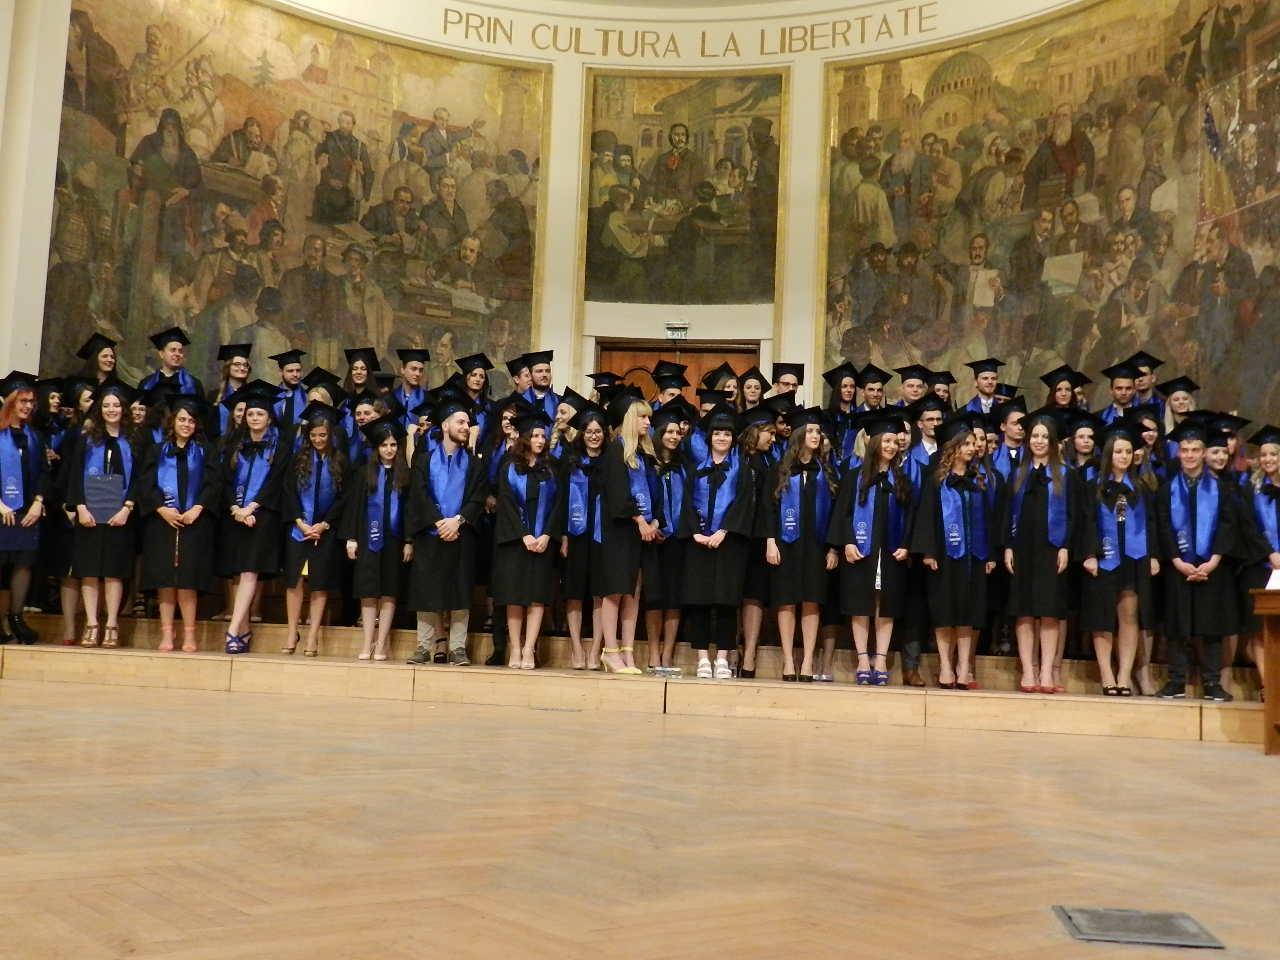 Felicitări viitorilor jurnaliști din promoția 2015-2016 ai Facultății de Științe Politice, Administrative și ale Comunicării din Cluj!